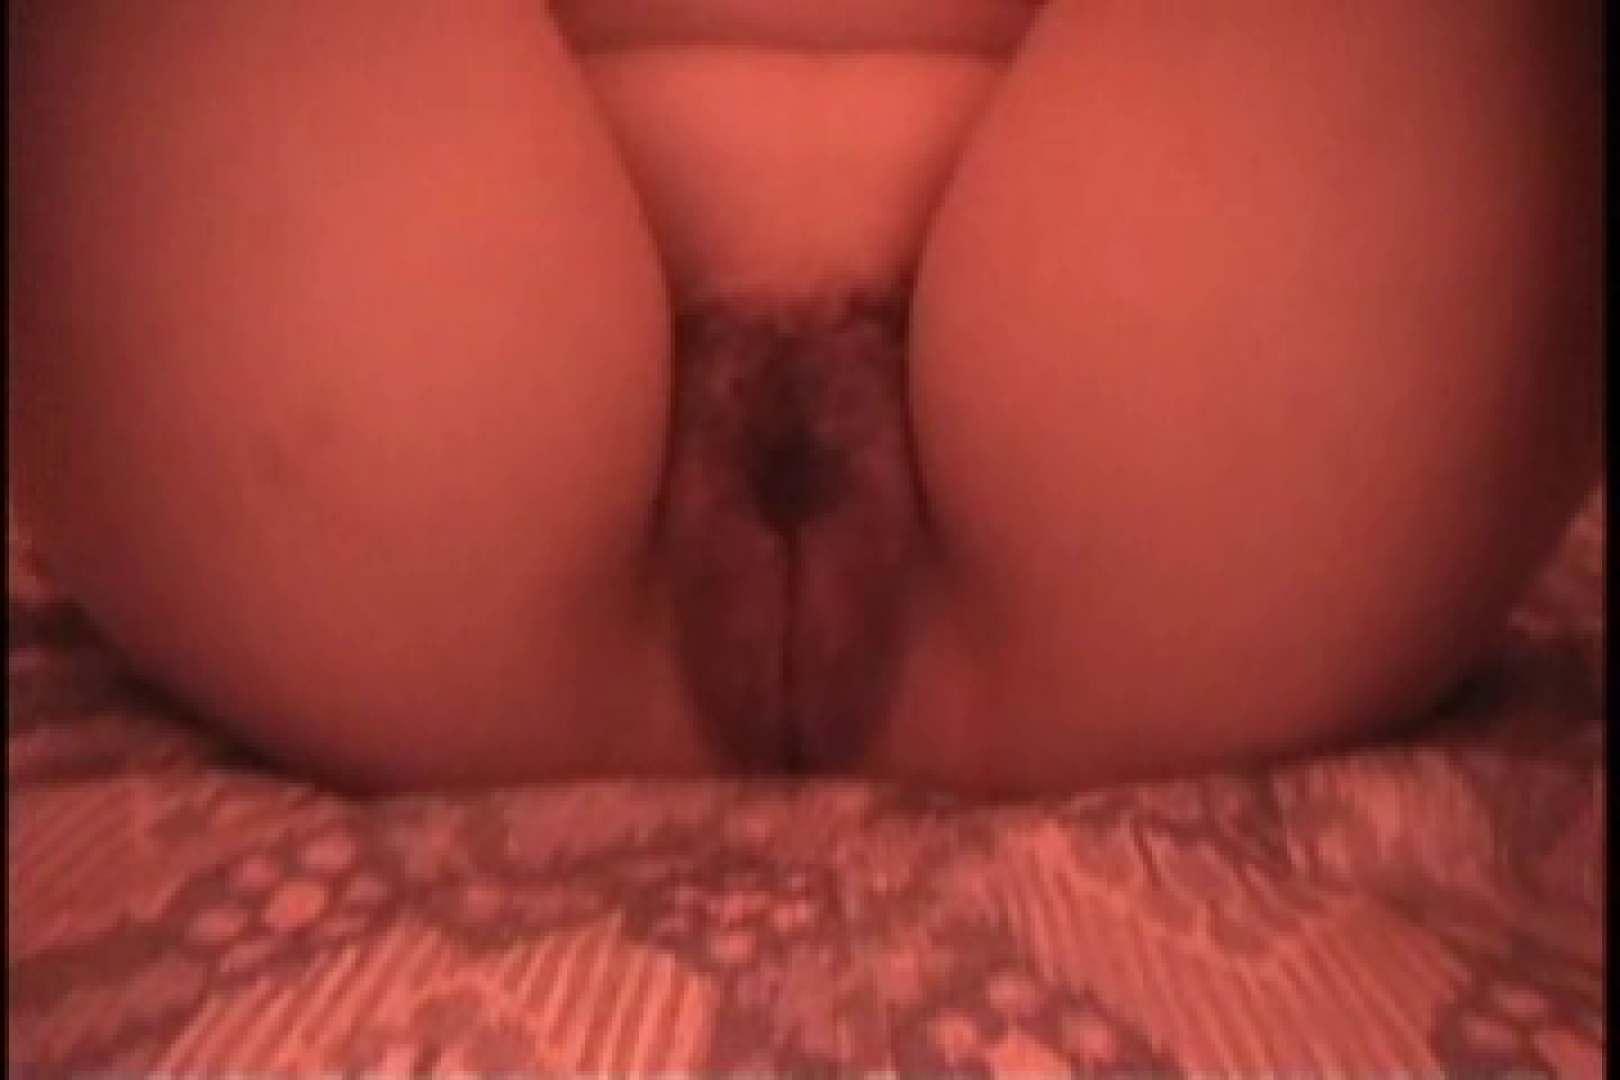 長野援助 かおりちゃん18歳 ギャル達のおっぱい | 一般投稿  87画像 35